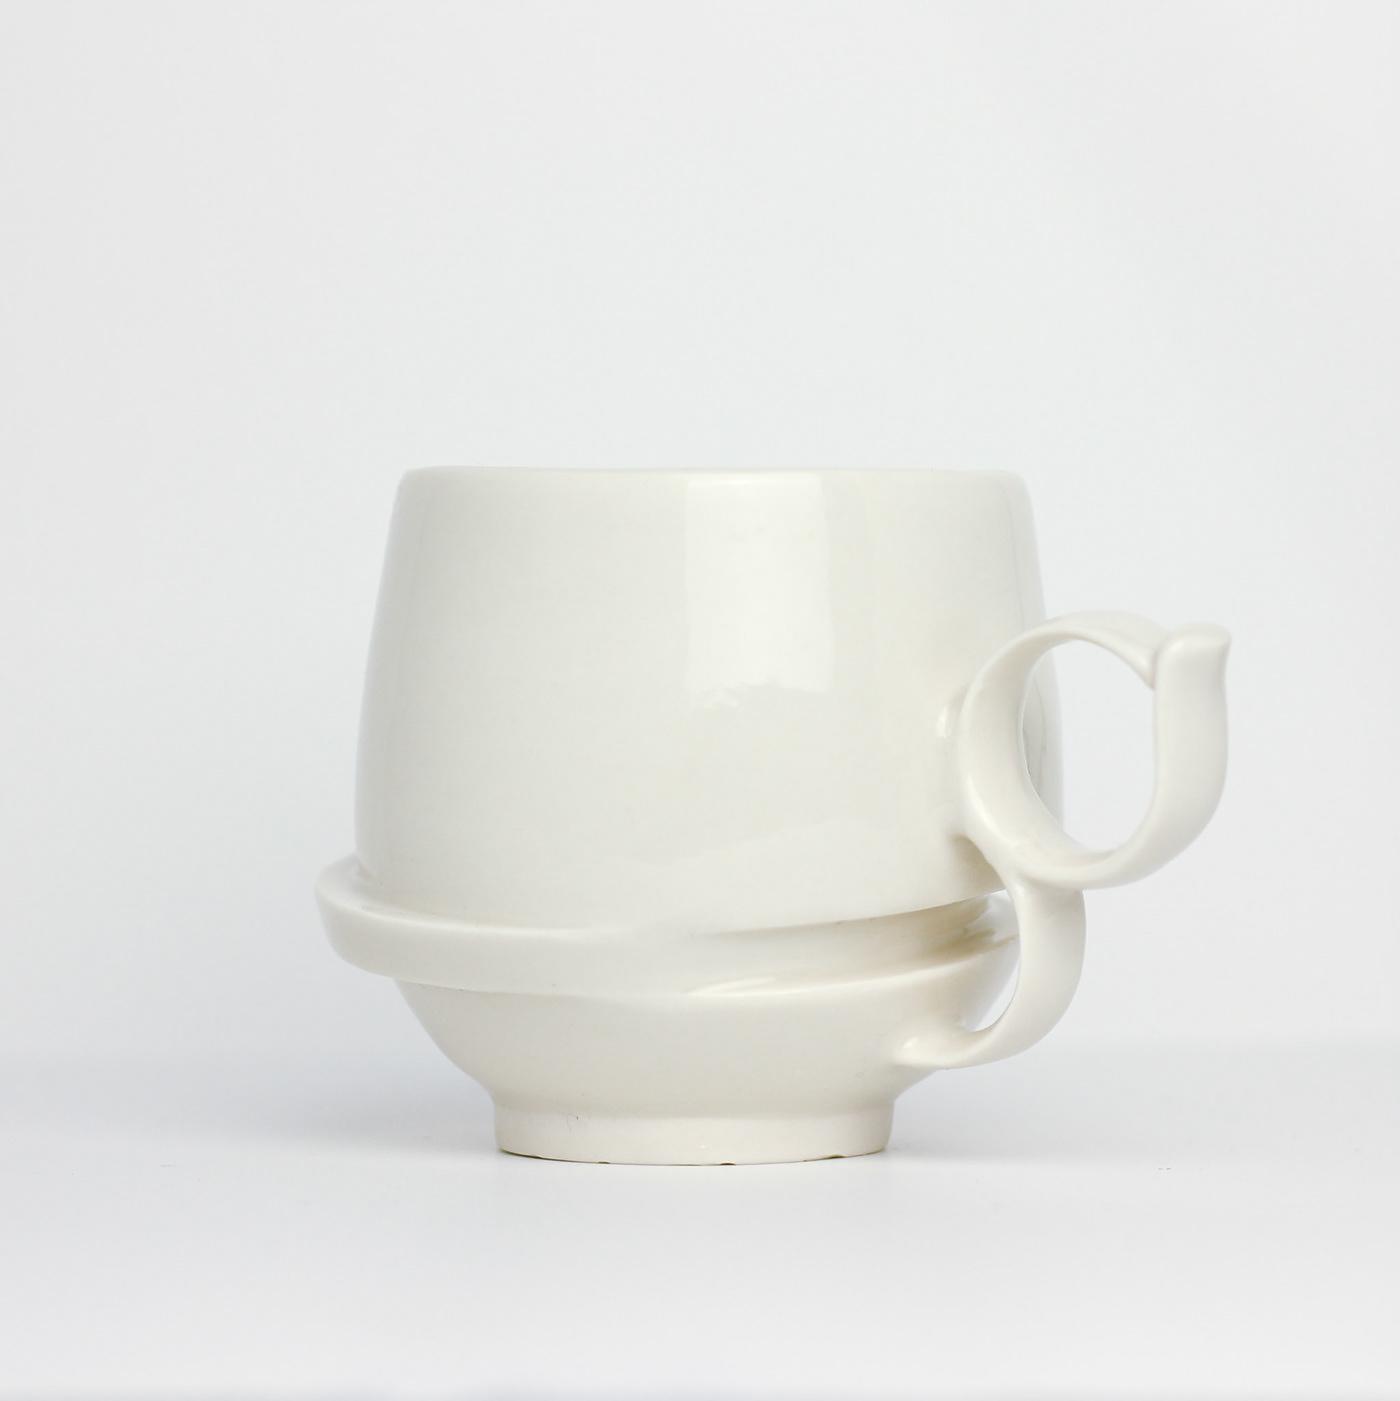 Image may contain: mug, wall and saucer